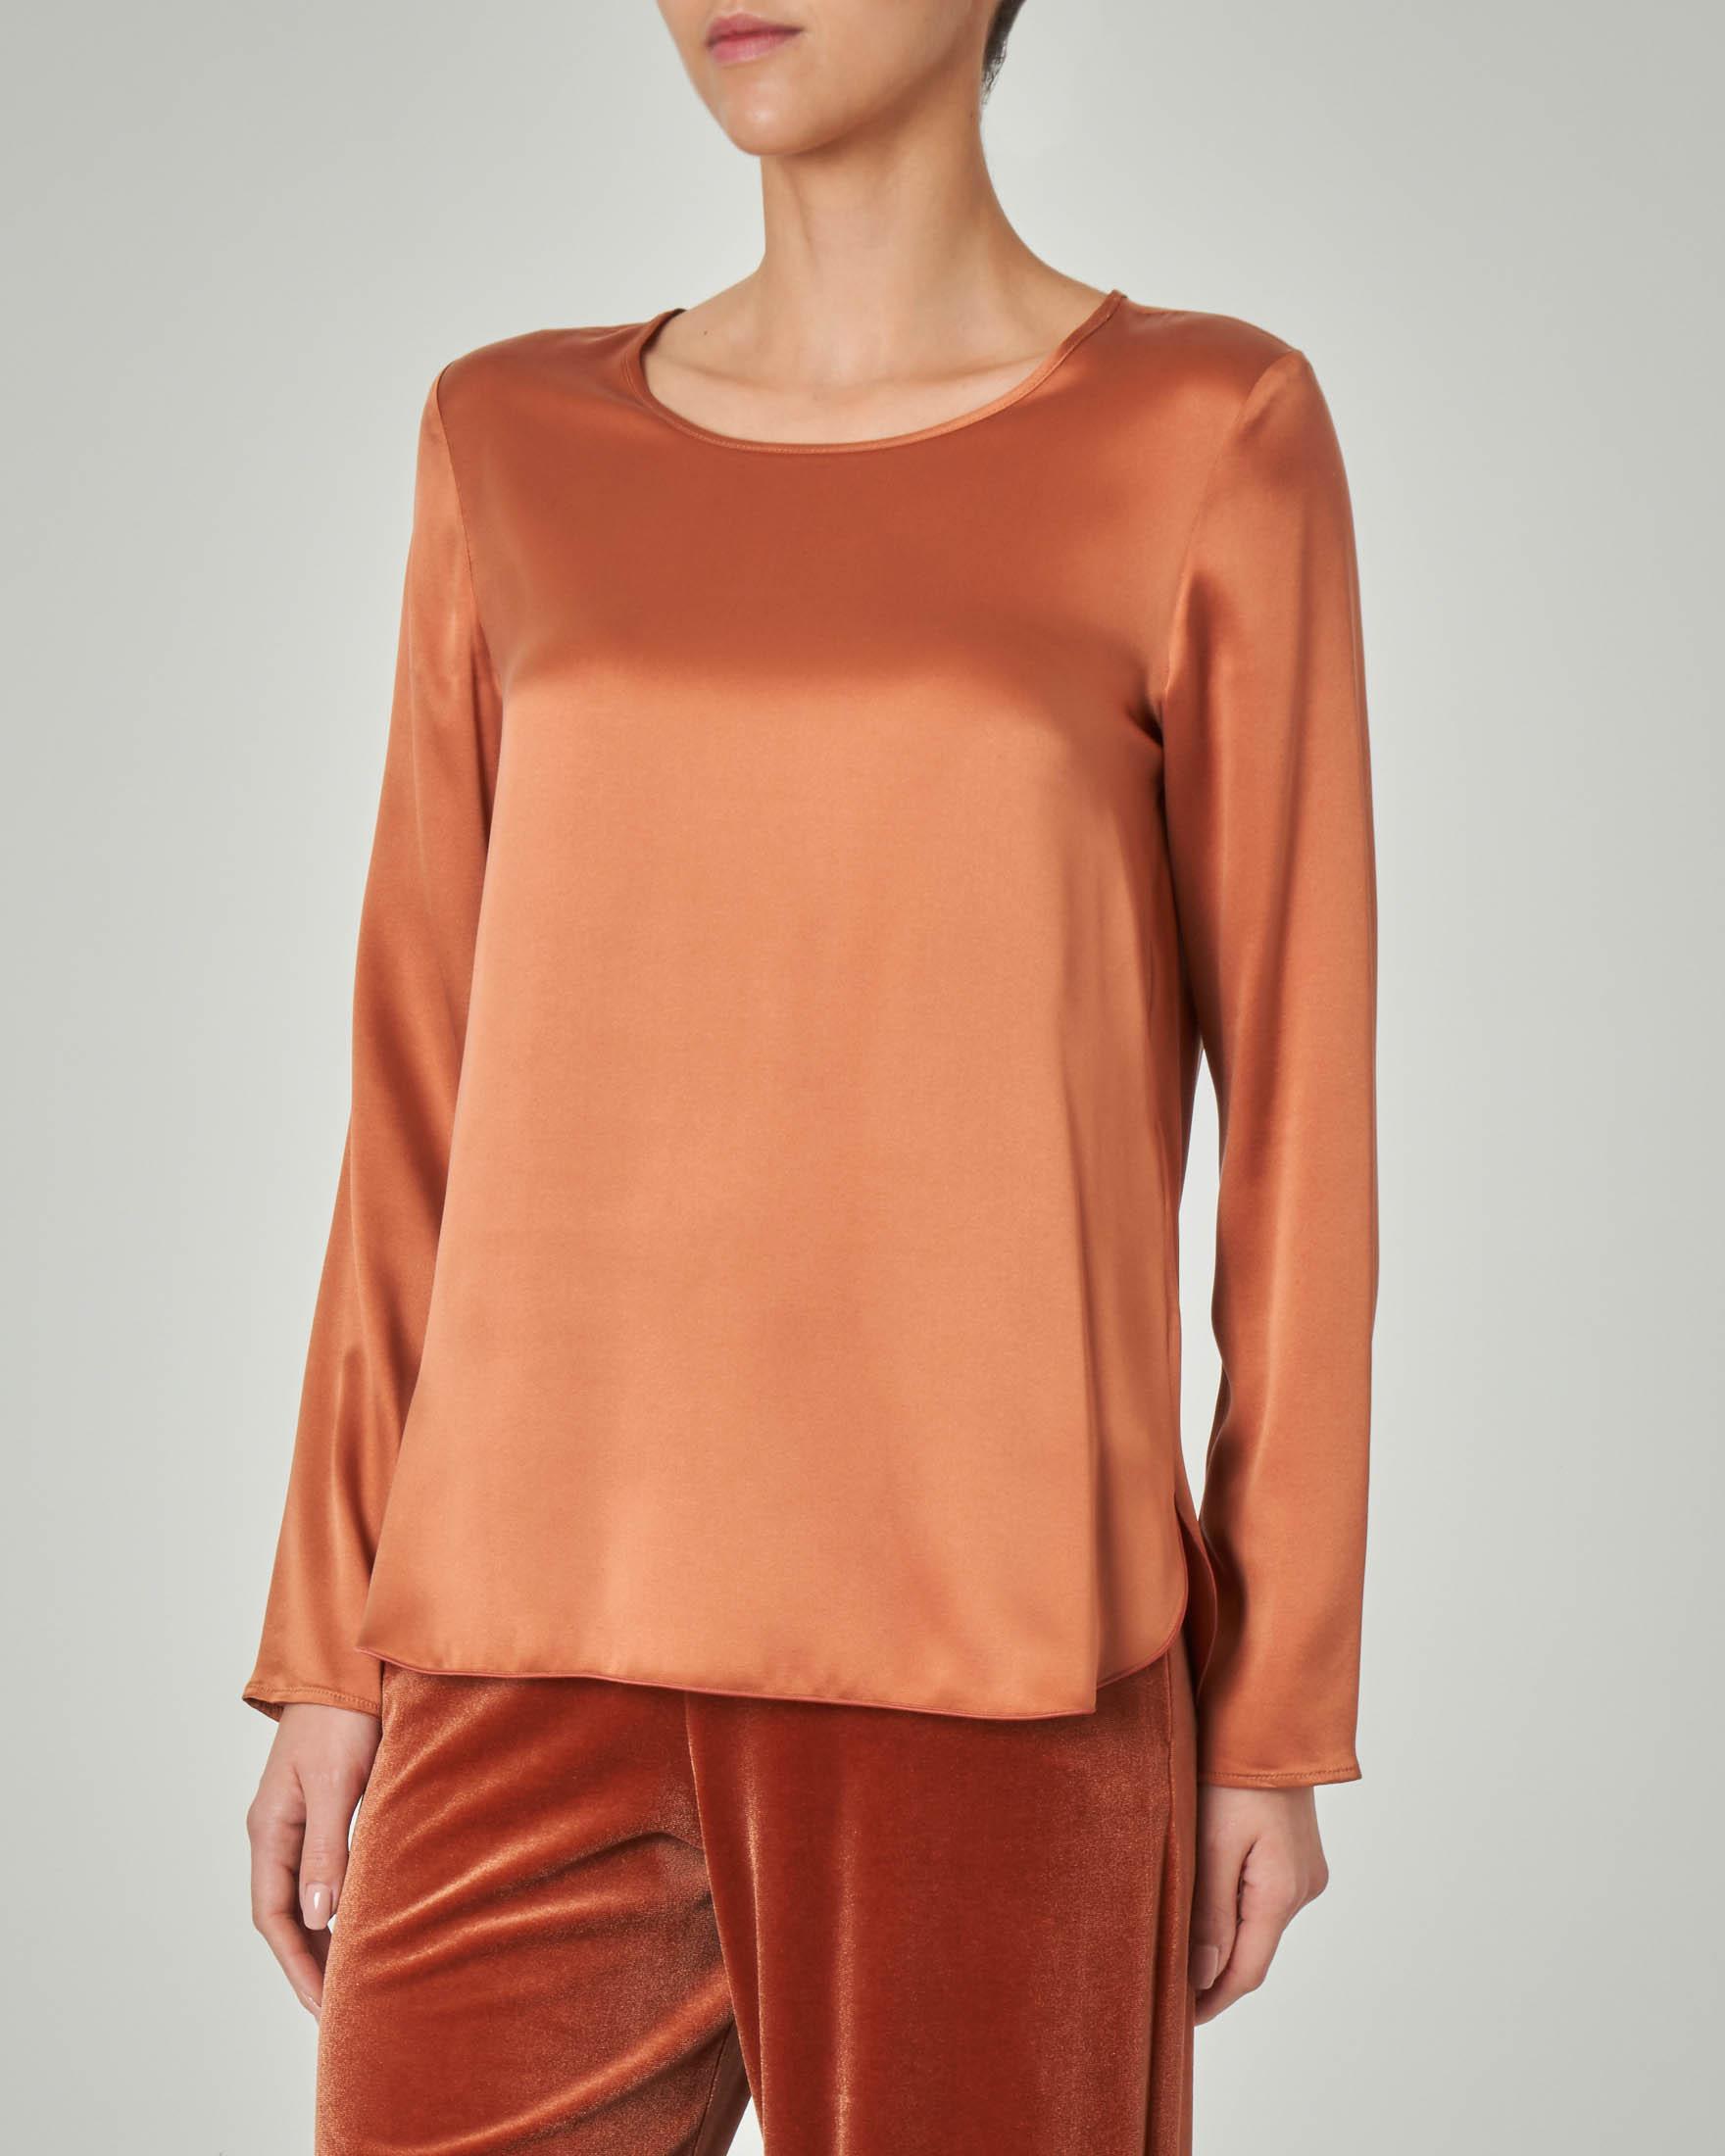 Blusa in crêpe seta color ruggine a maniche lunghe